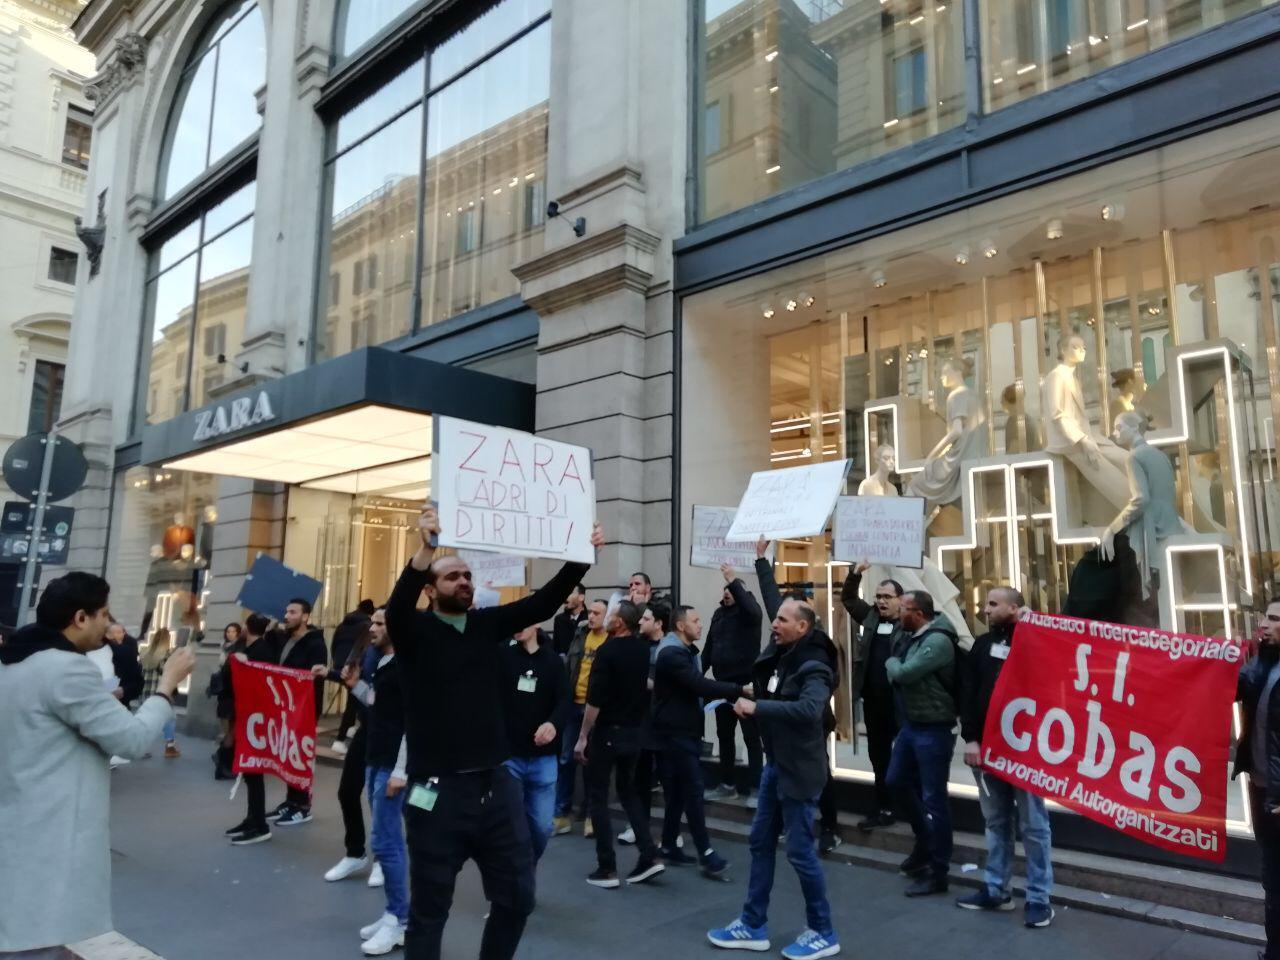 Zara: lo sfruttamento dietro la ricchezza di una multinazionale